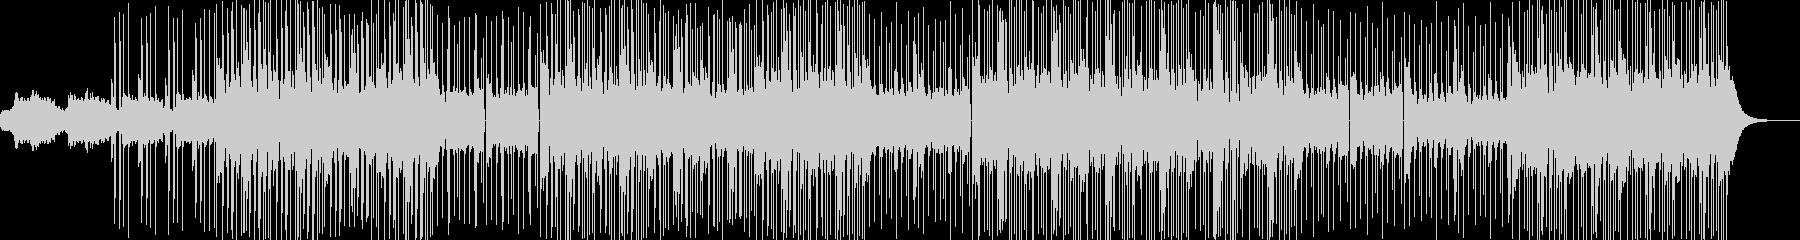 静かなスローテンポのポップスの未再生の波形